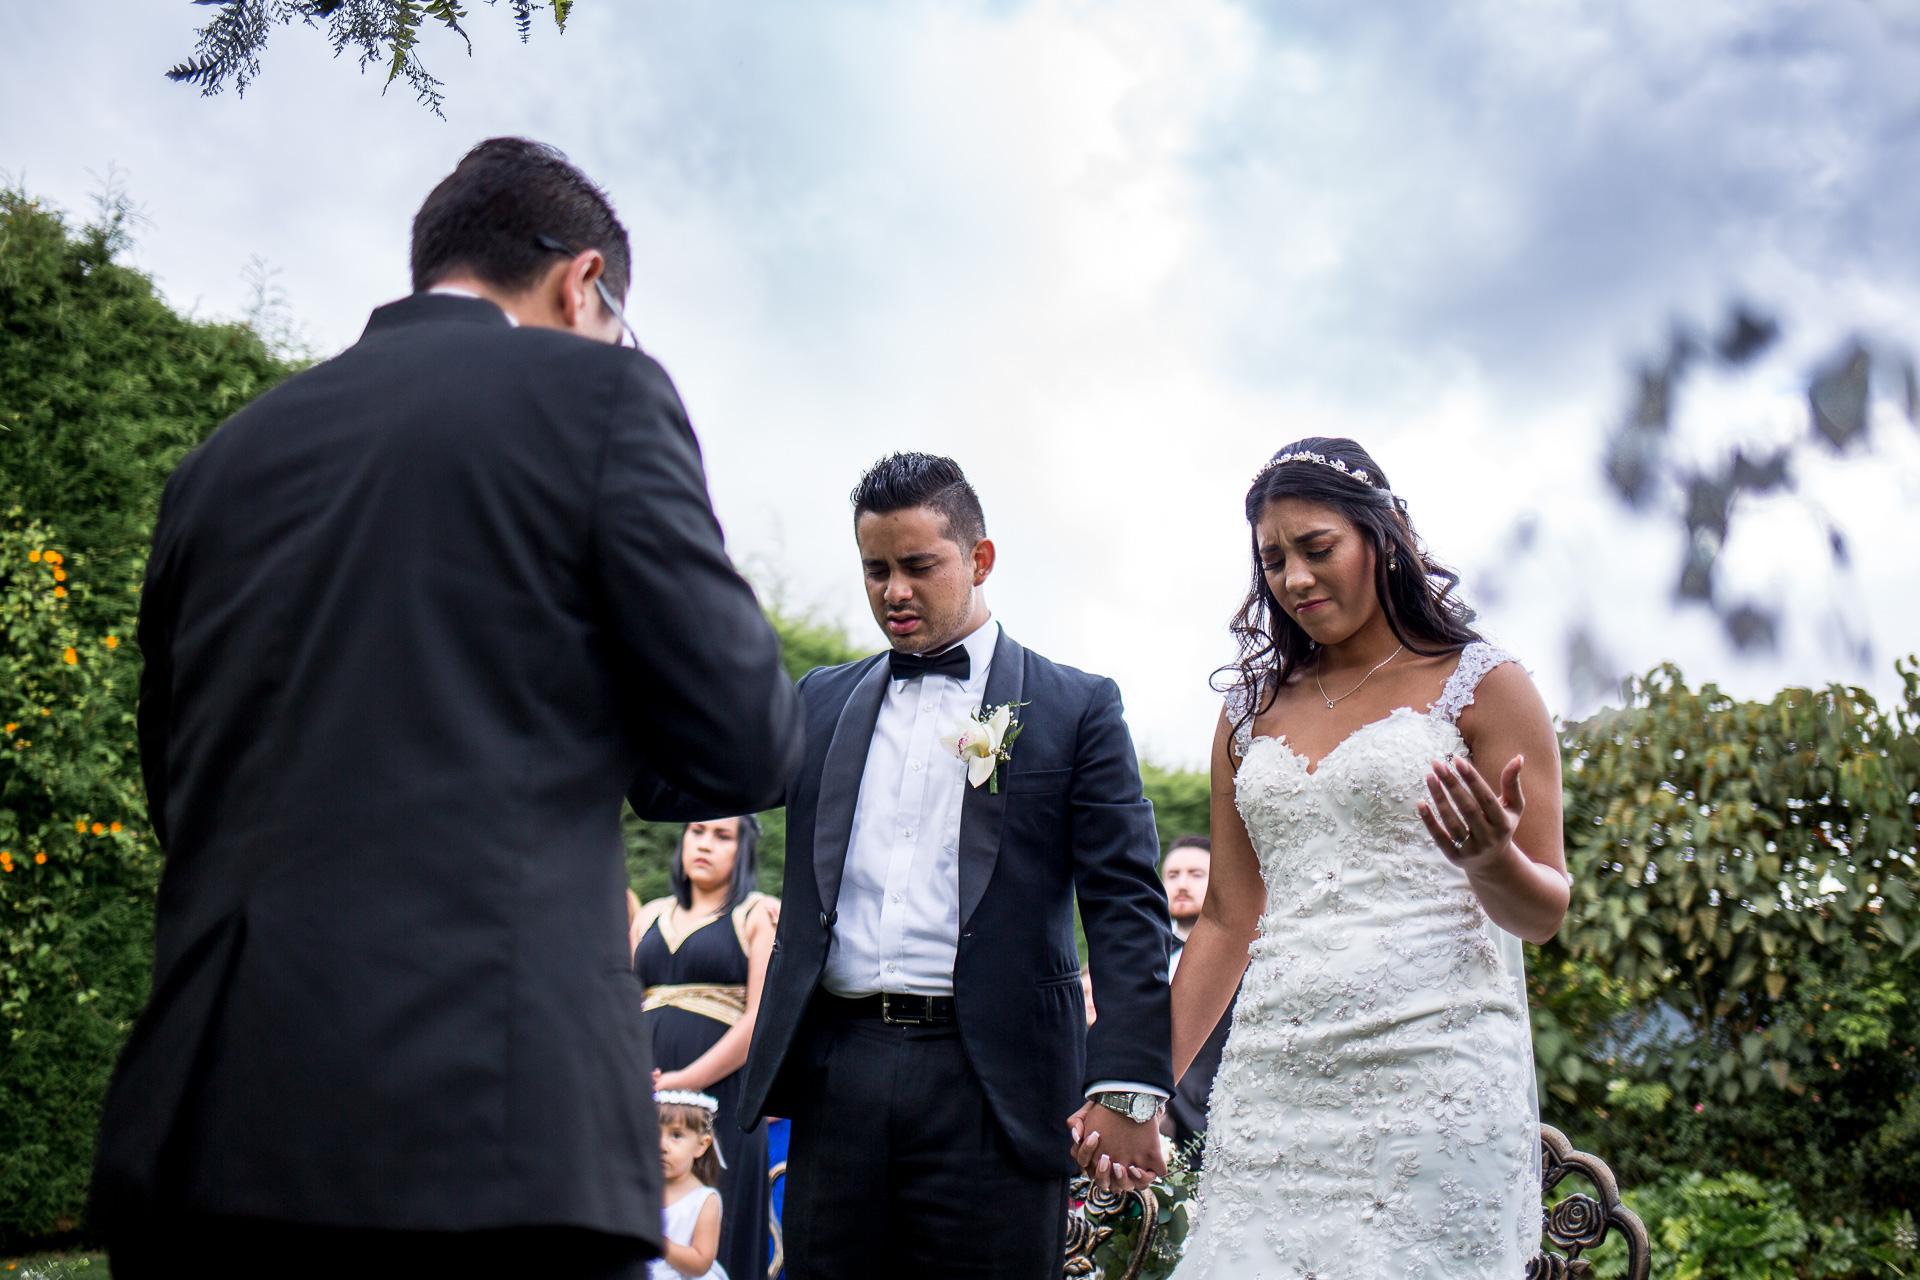 Fotógrafos-de-bodas-en-Colombia-Alejandro-y-Angelica-21 ALEJANDRO + ANGELICA